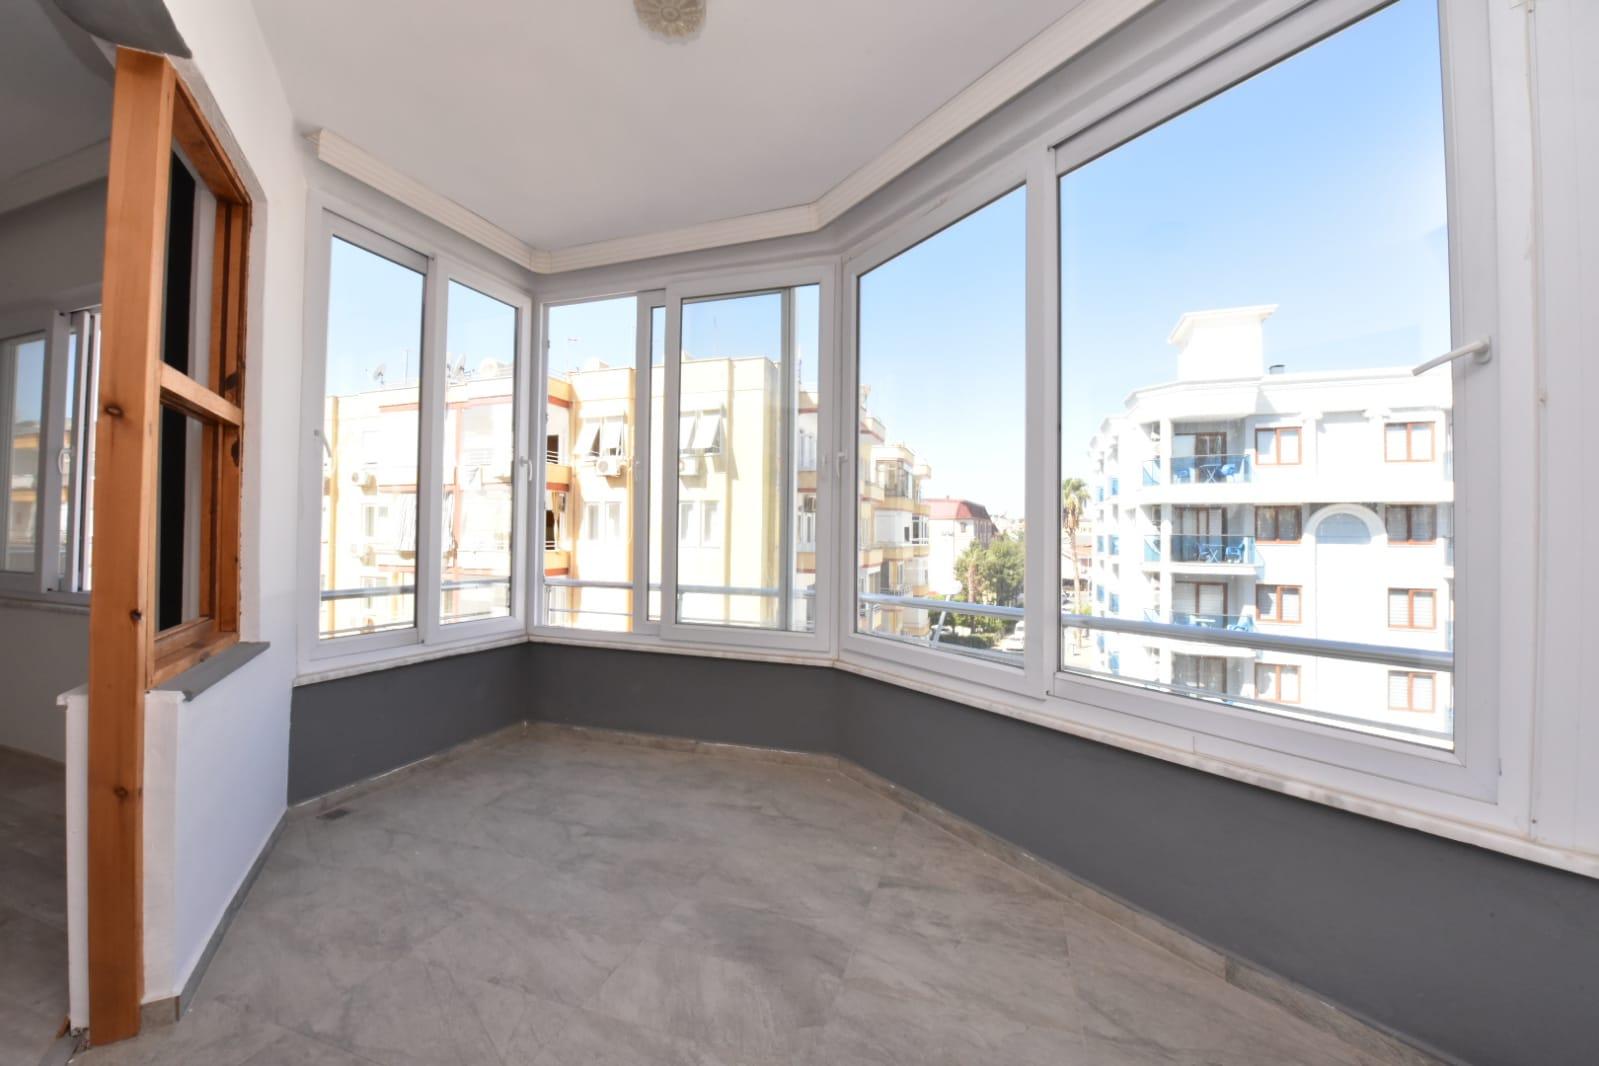 Трёхкомнатная квартира у пляжа Клеопатры по очень приятной цене - Фото 8